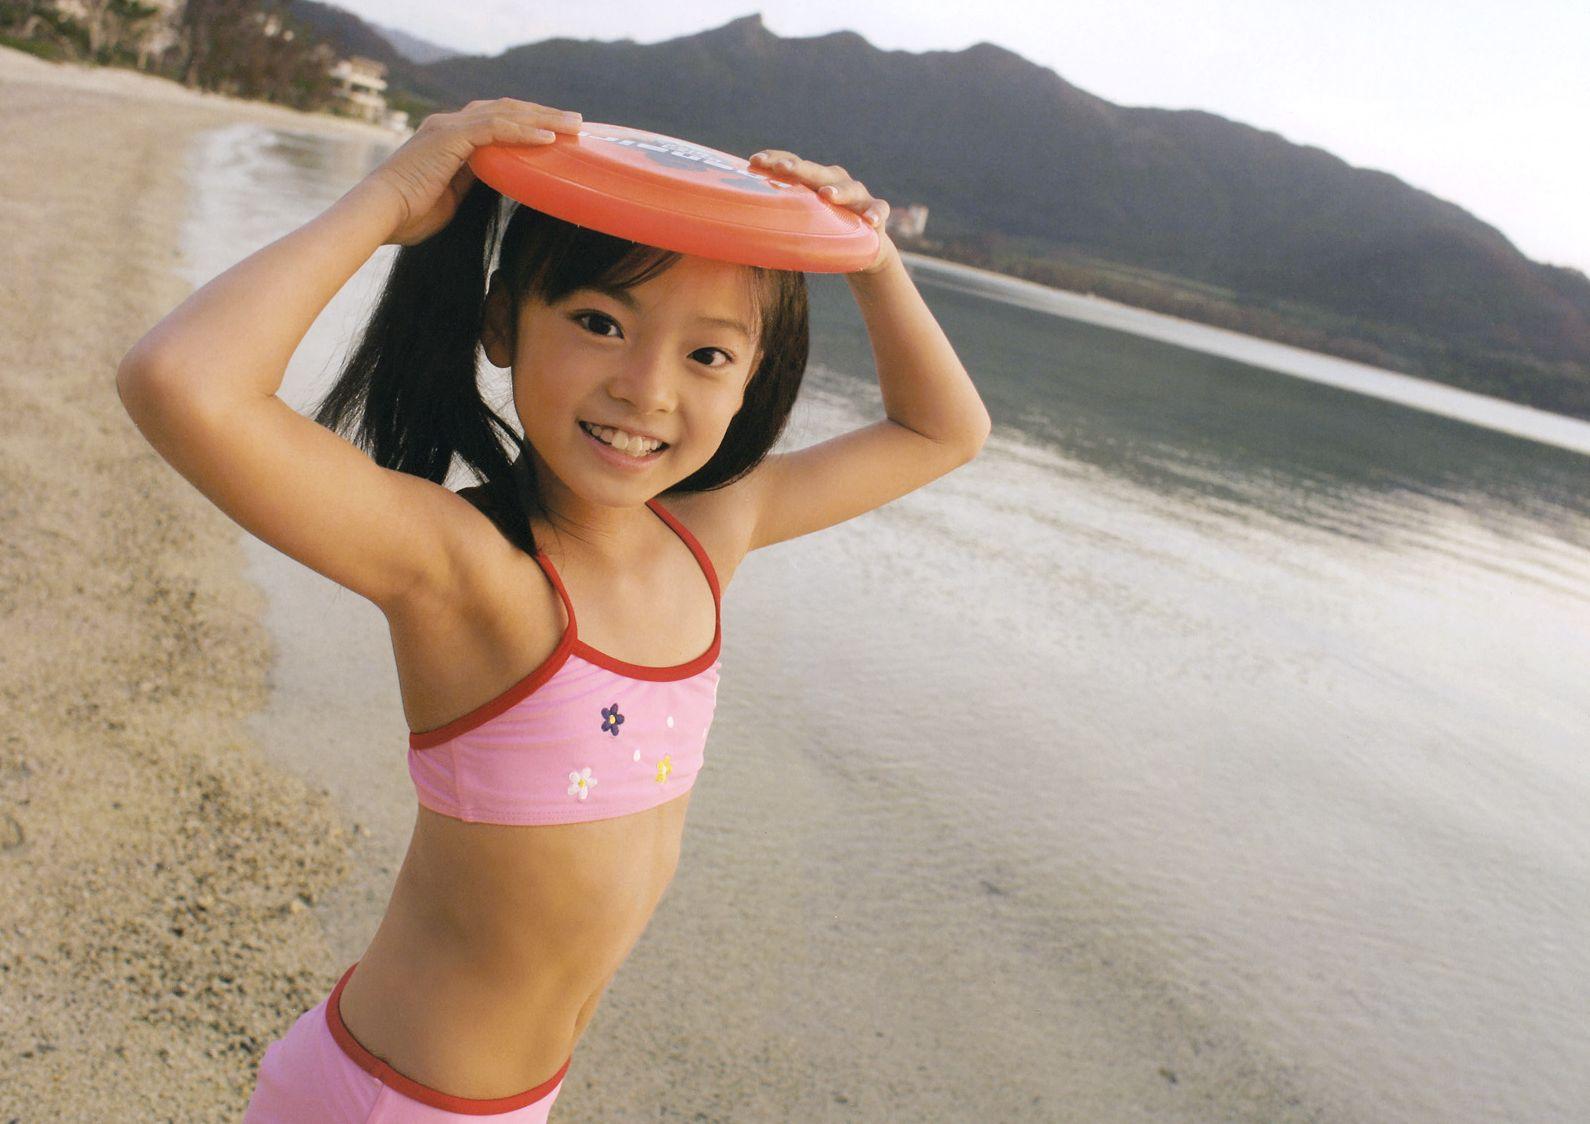 【Jrアイドル画像】これで勃起したらアウト!!童顔幼稚体型…天使みたいな笑顔が可愛いジュニアアイドルたちのグラビア画像 その14